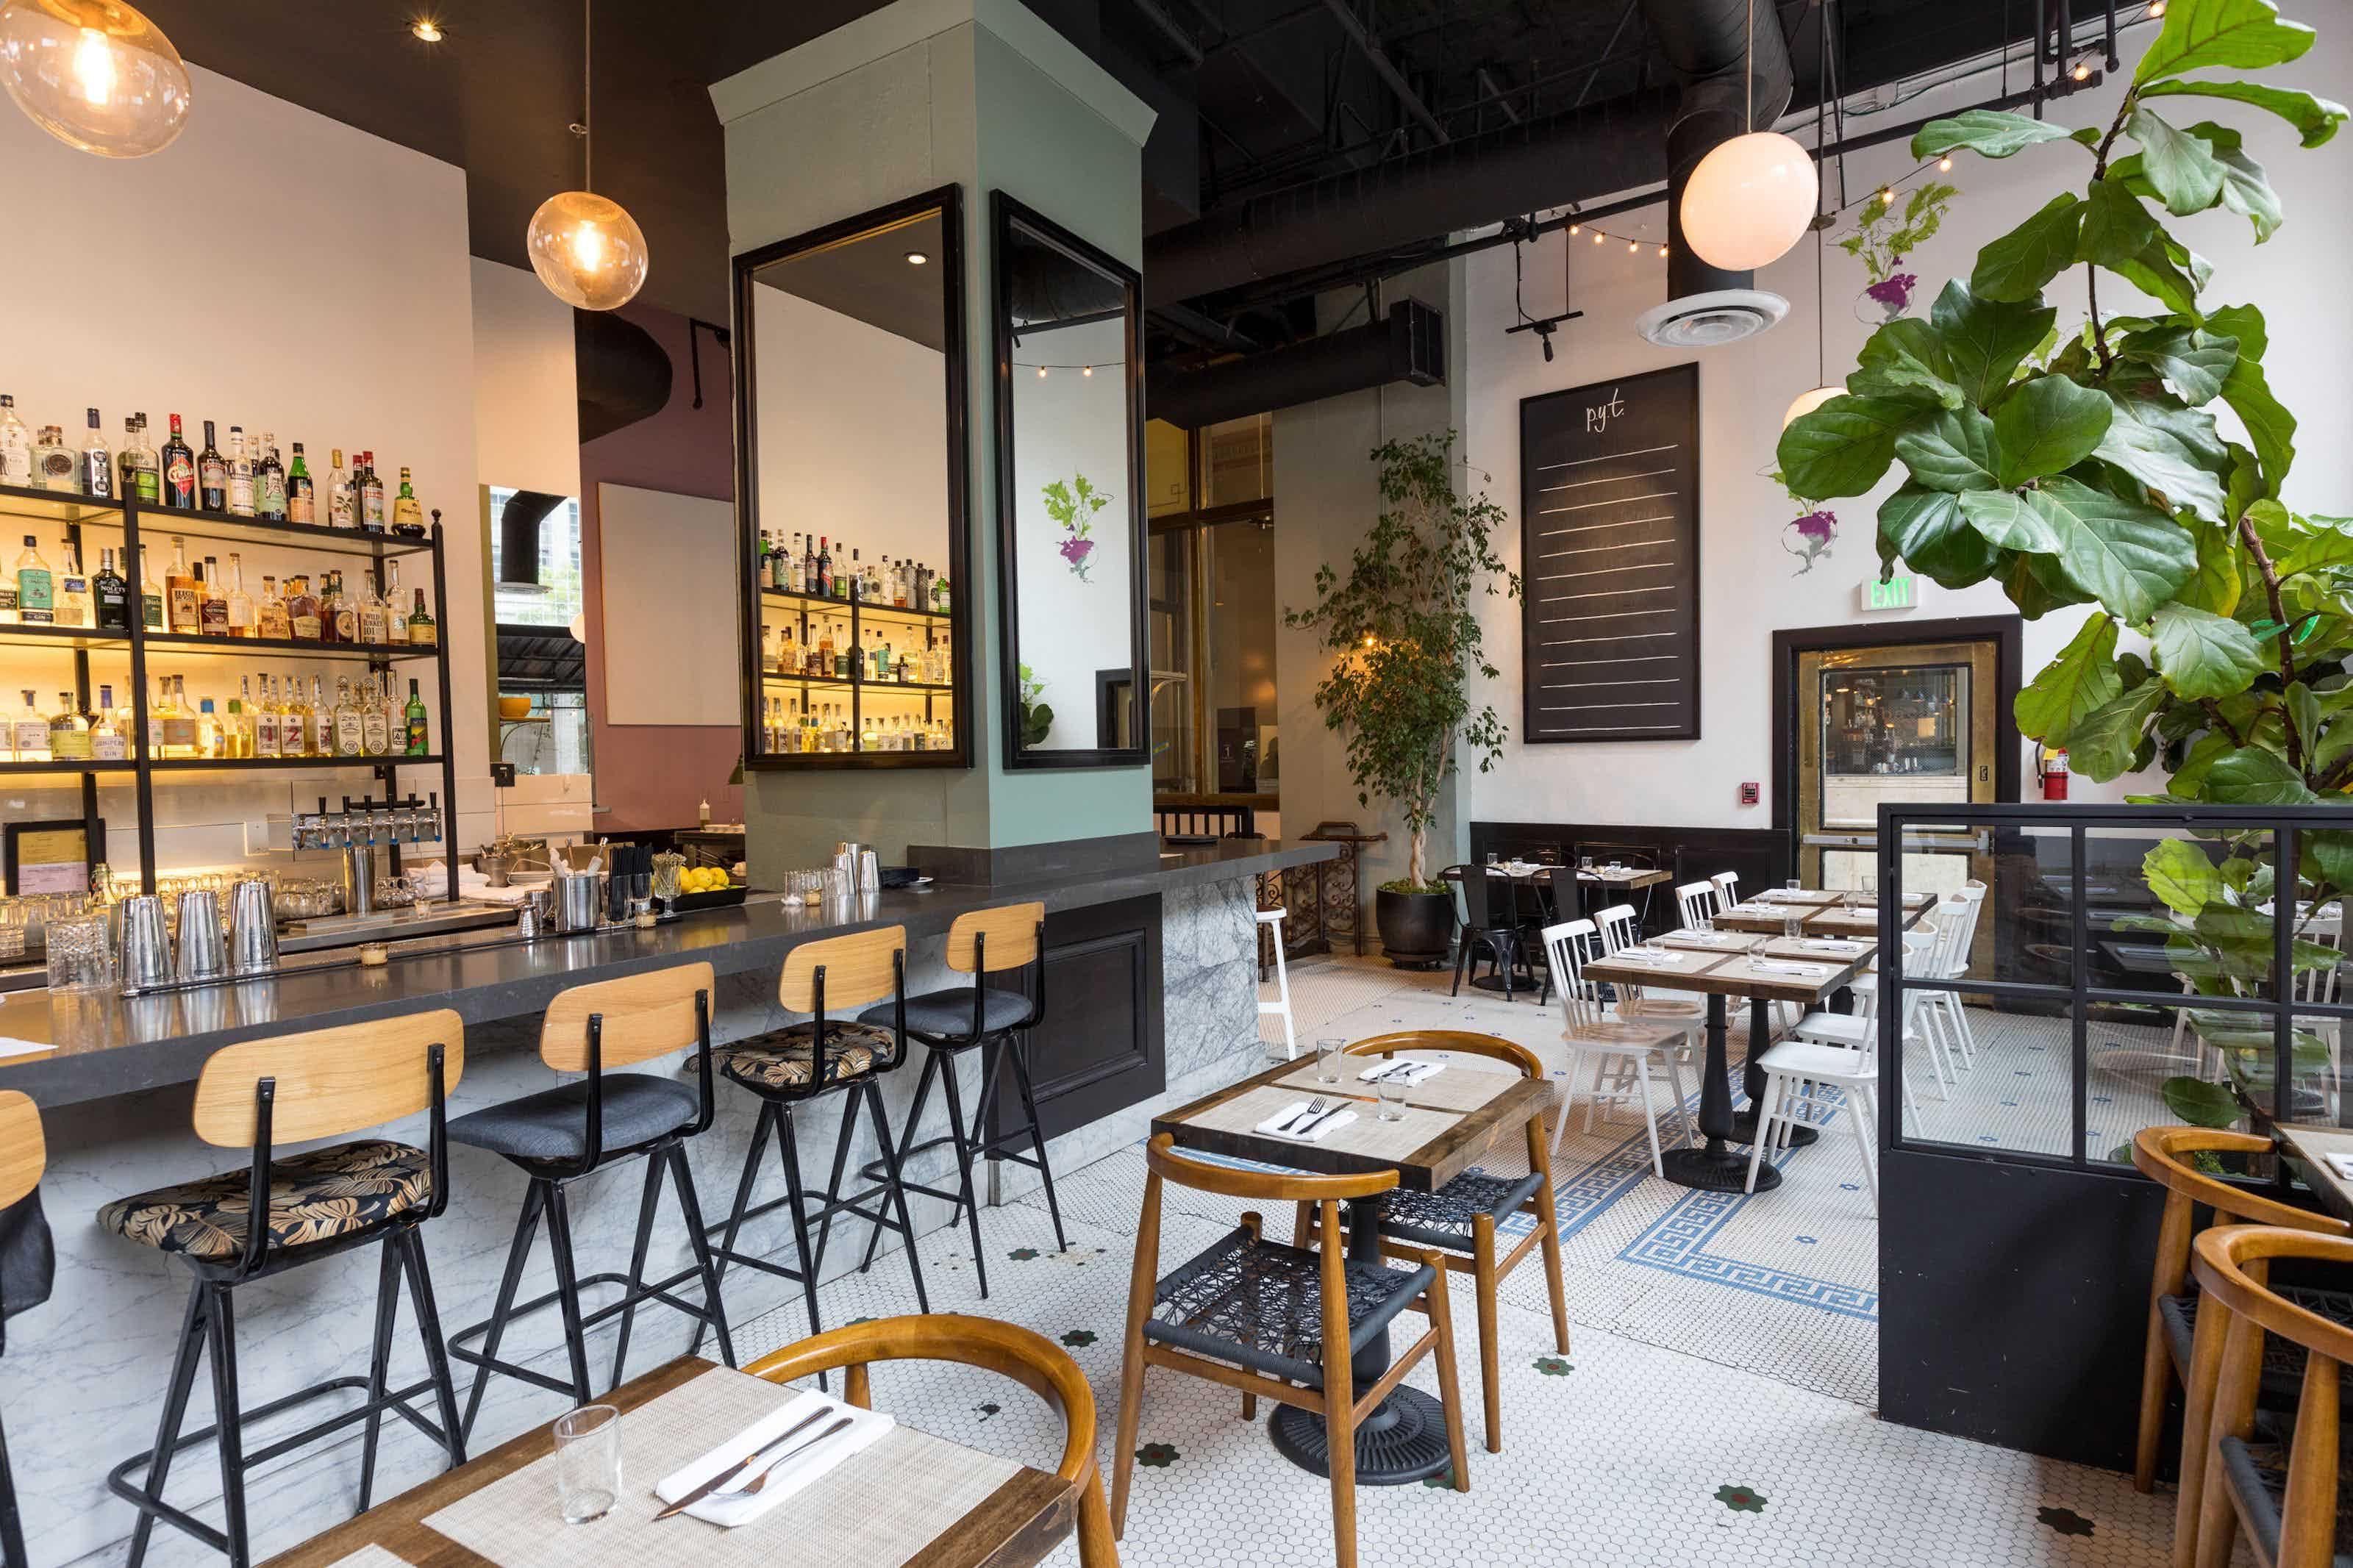 Best Restaurants In Downtown La Downtown Restaurants Downtown La Restaurants Los Angeles Restaurants